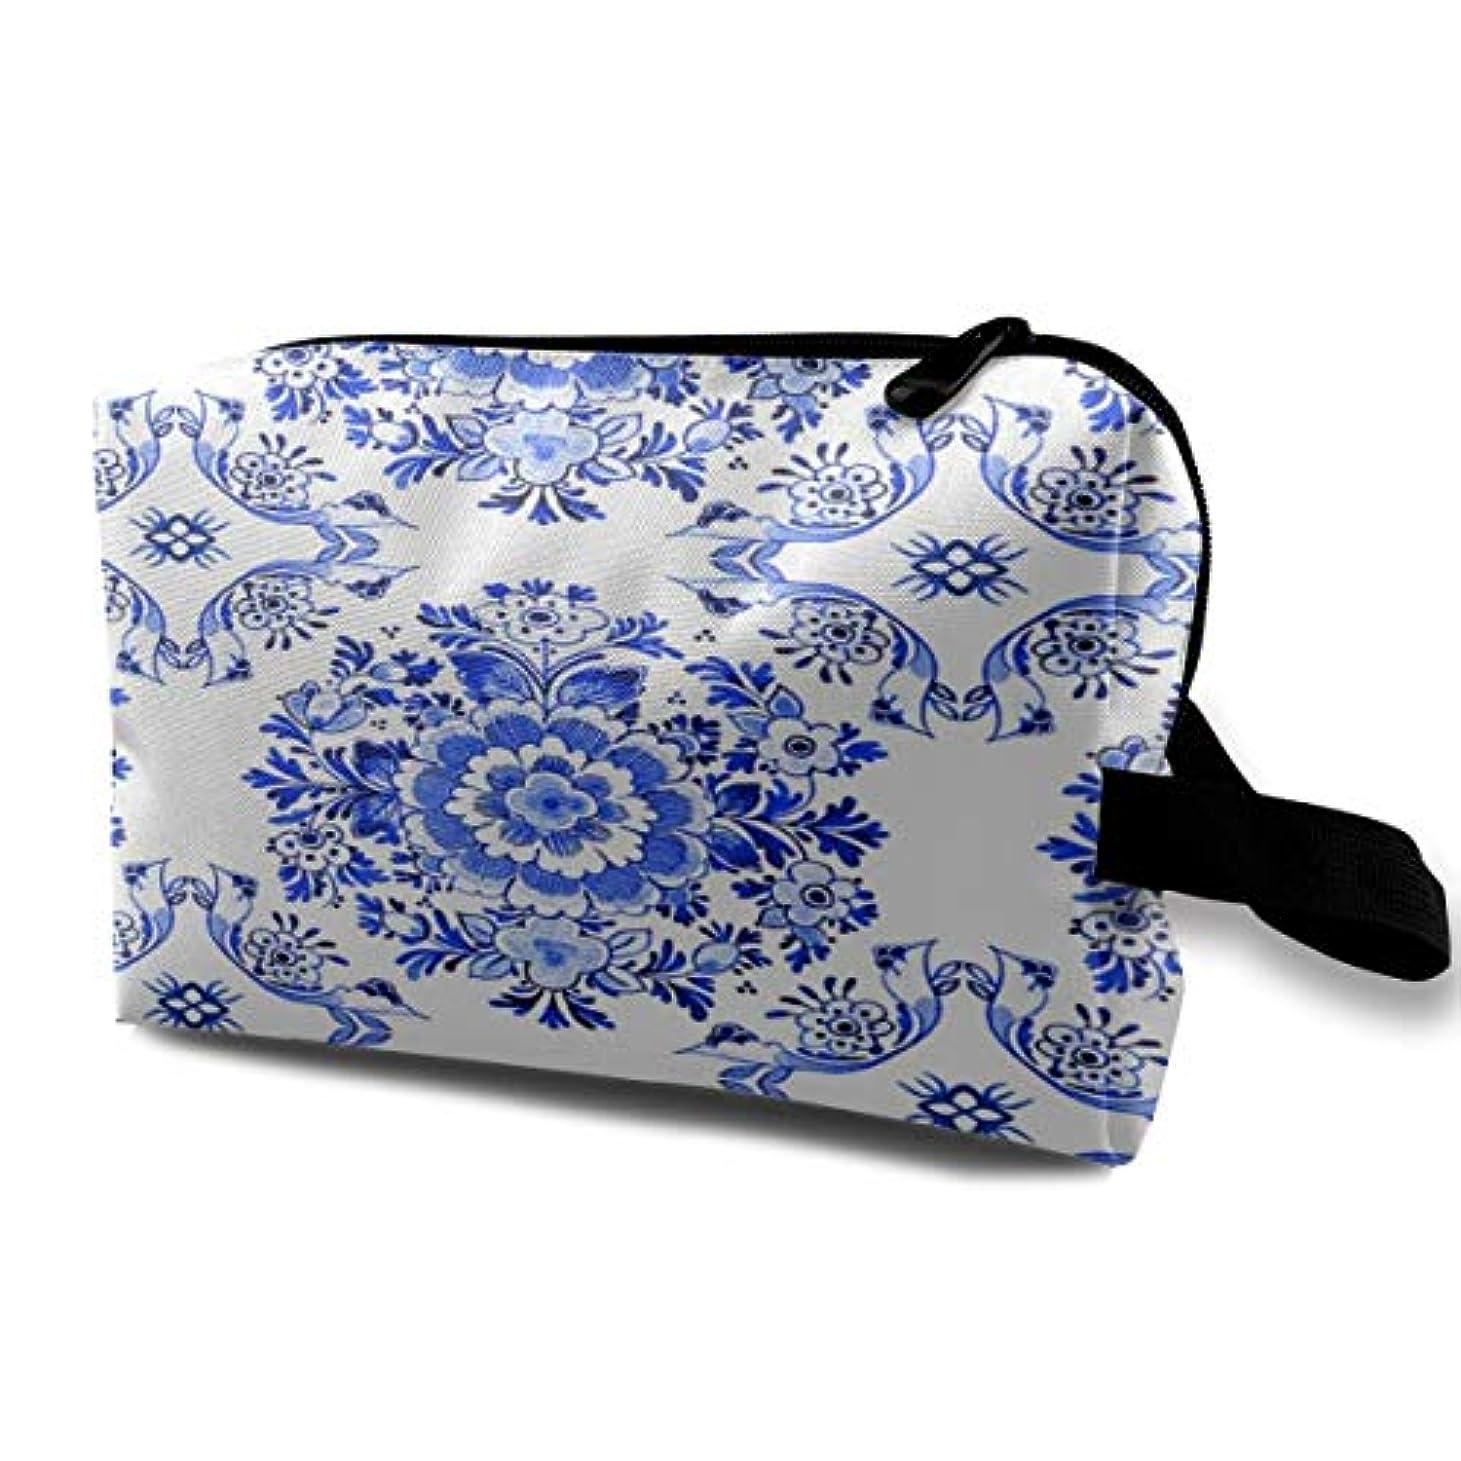 強いますキルトかなりのWhite Delft Blue Style Watercolour 収納ポーチ 化粧ポーチ 大容量 軽量 耐久性 ハンドル付持ち運び便利。入れ 自宅?出張?旅行?アウトドア撮影などに対応。メンズ レディース トラベルグッズ